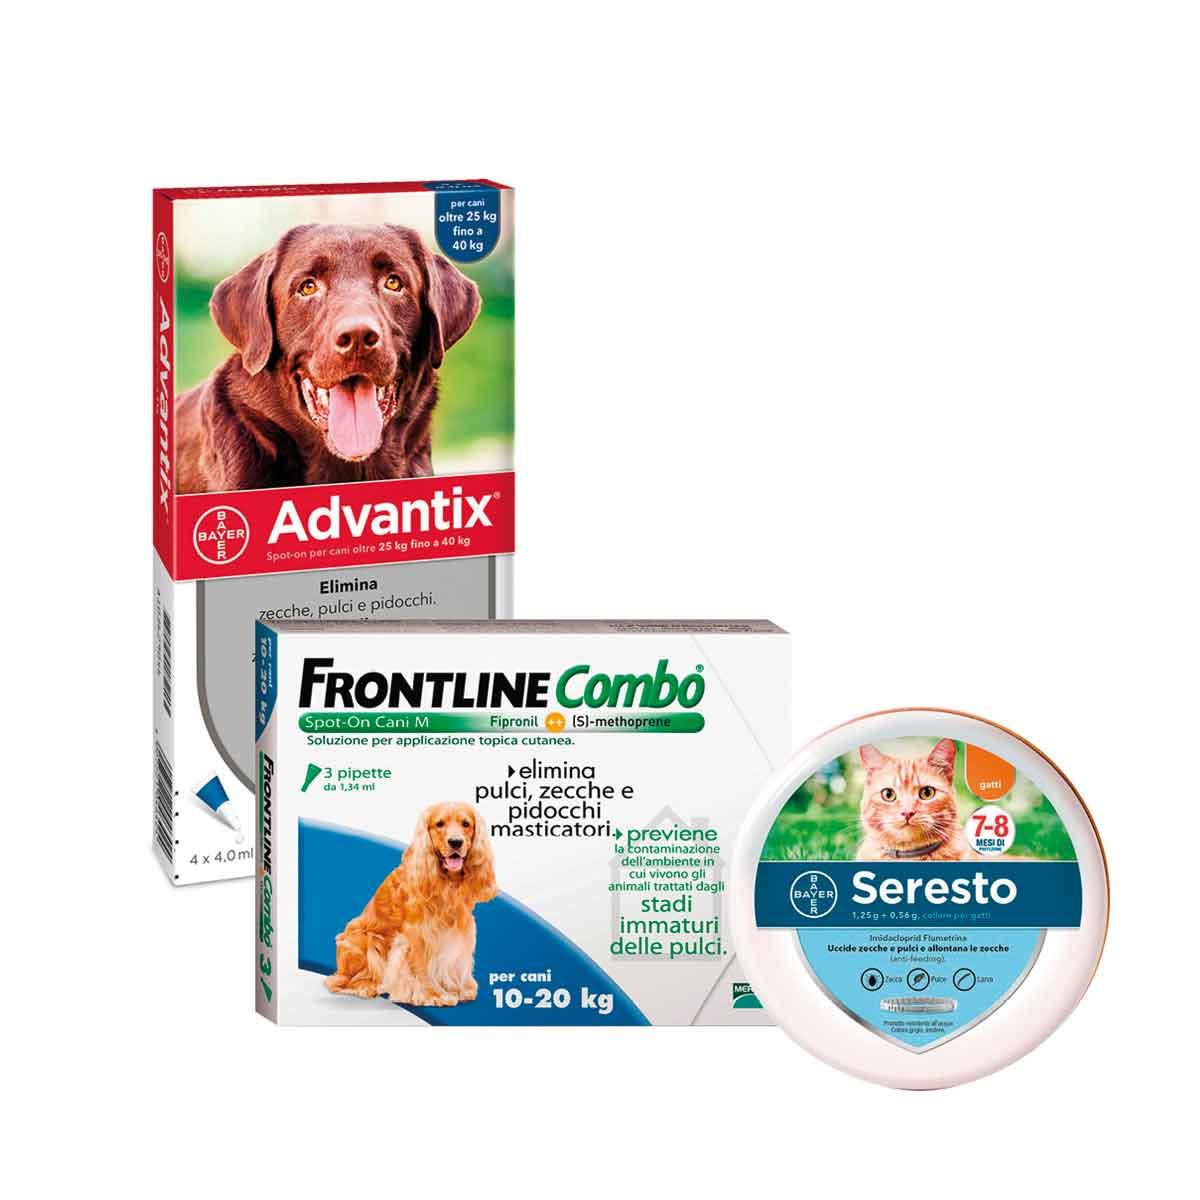 Linee Antiparassitari per cani e gatti